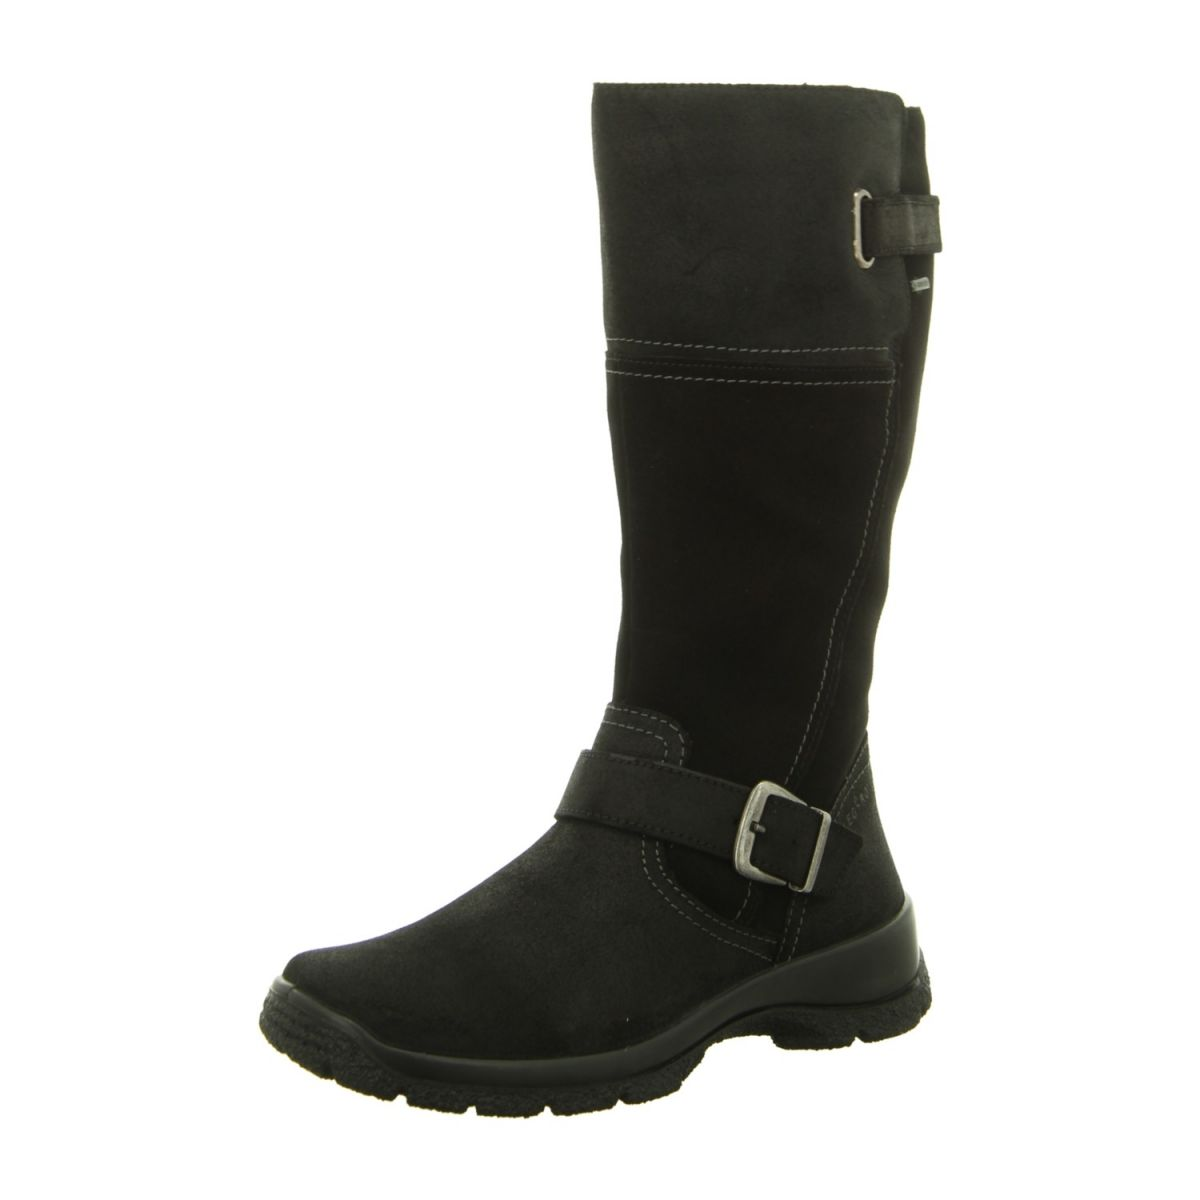 NEU: Legero Stiefel Trekking 546 02 schwarz | Schuhe